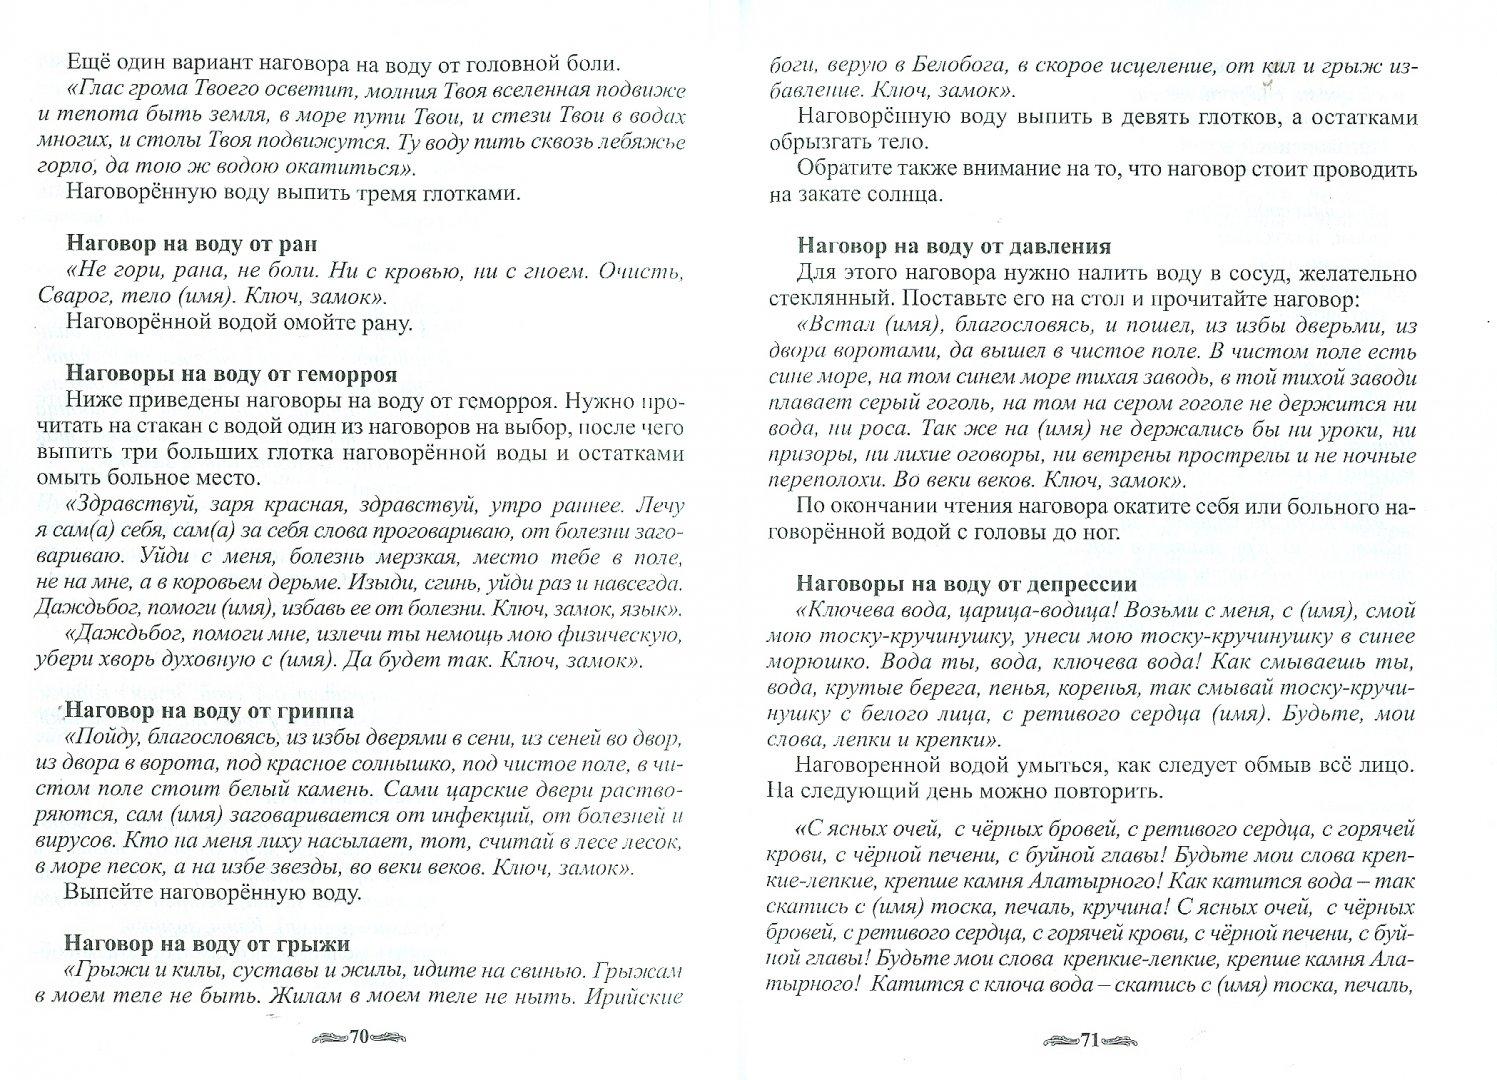 Иллюстрация 1 из 27 для Магия древнеславянских молитв и наговоров - Крючкова, Крючкова   Лабиринт - книги. Источник: Лабиринт